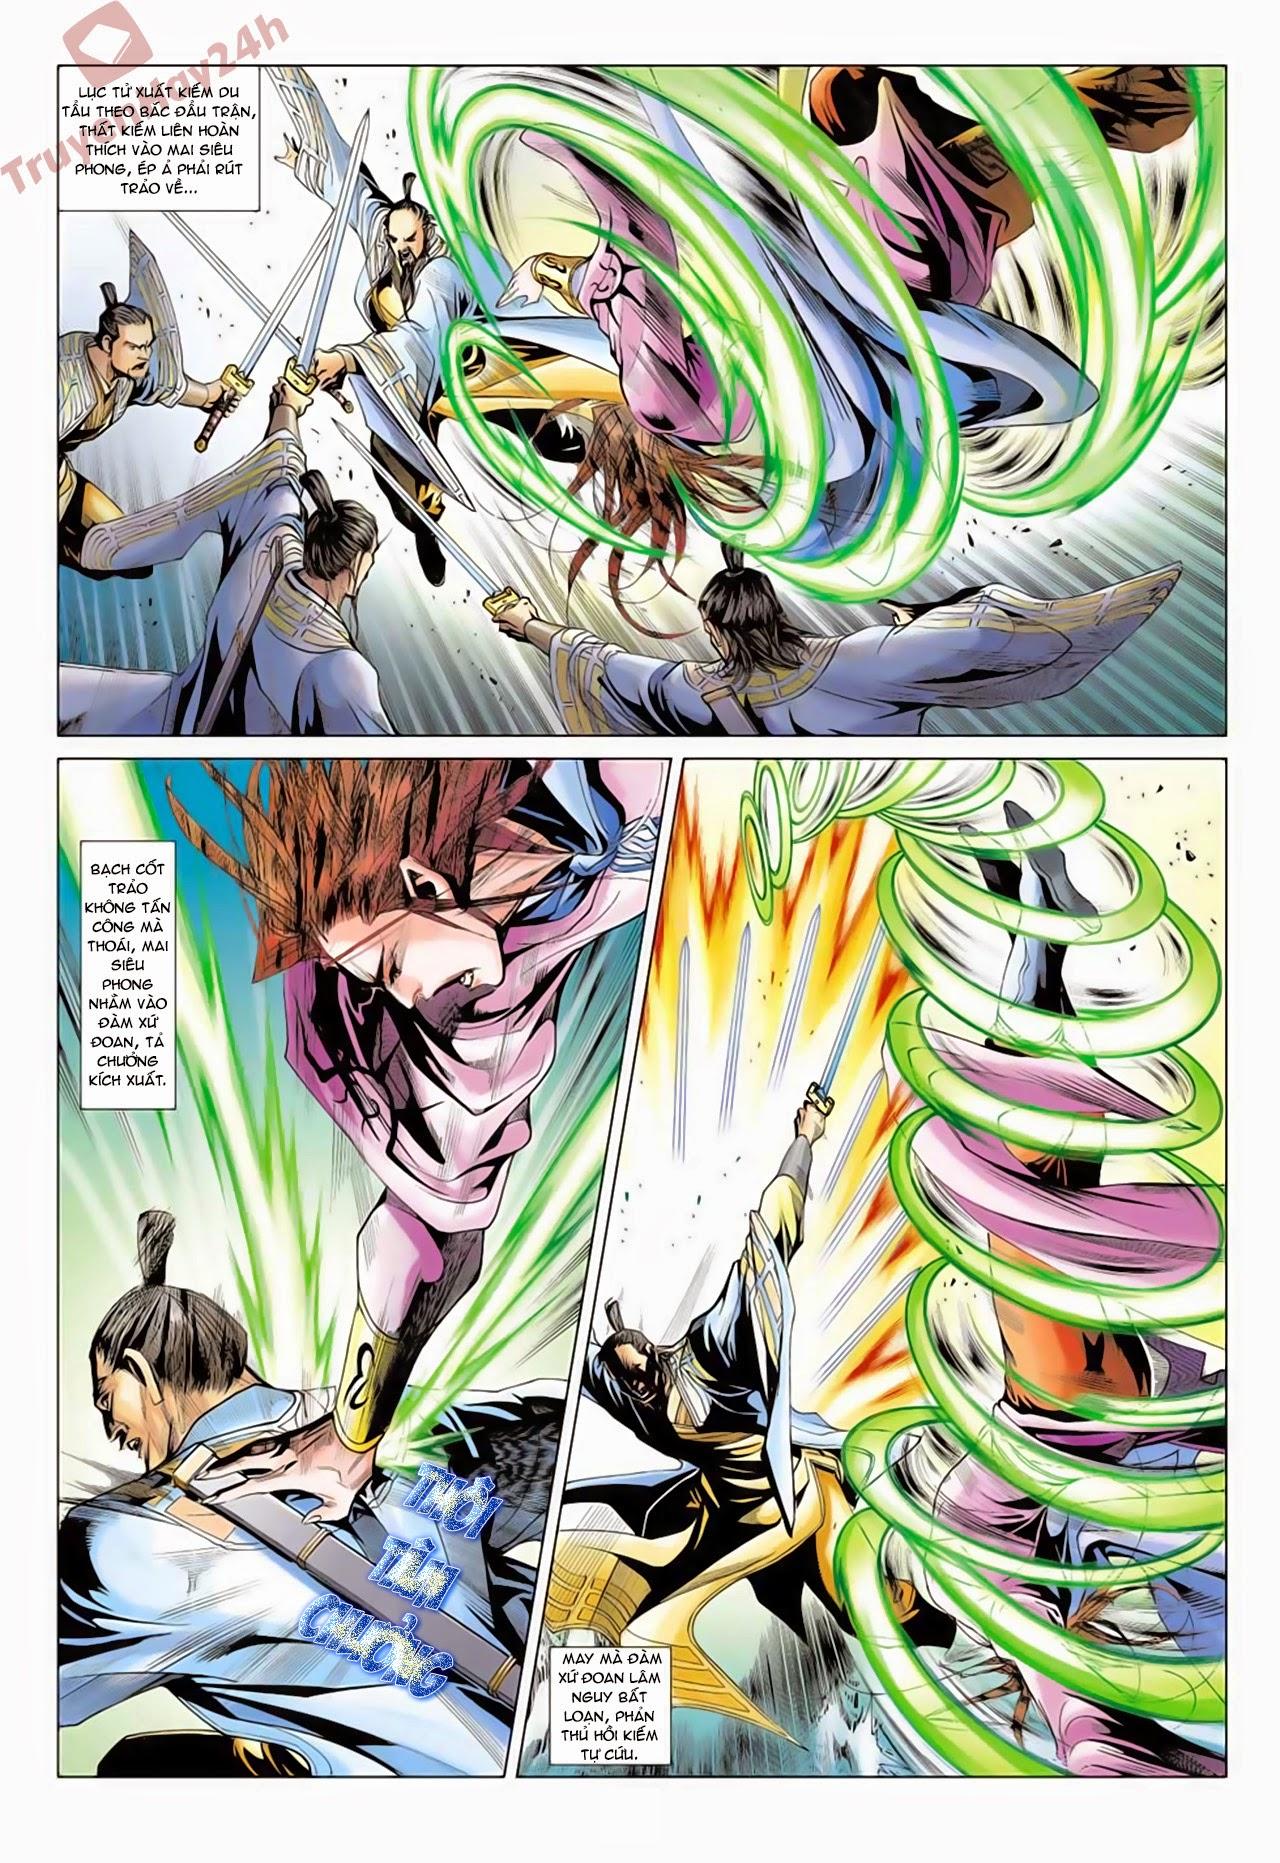 xem truyen moi - Anh Hùng Xạ Điêu - Chapter 62 : Thiên Canh Bắc Đẩu Phá Cửu Âm Bạch Cốt